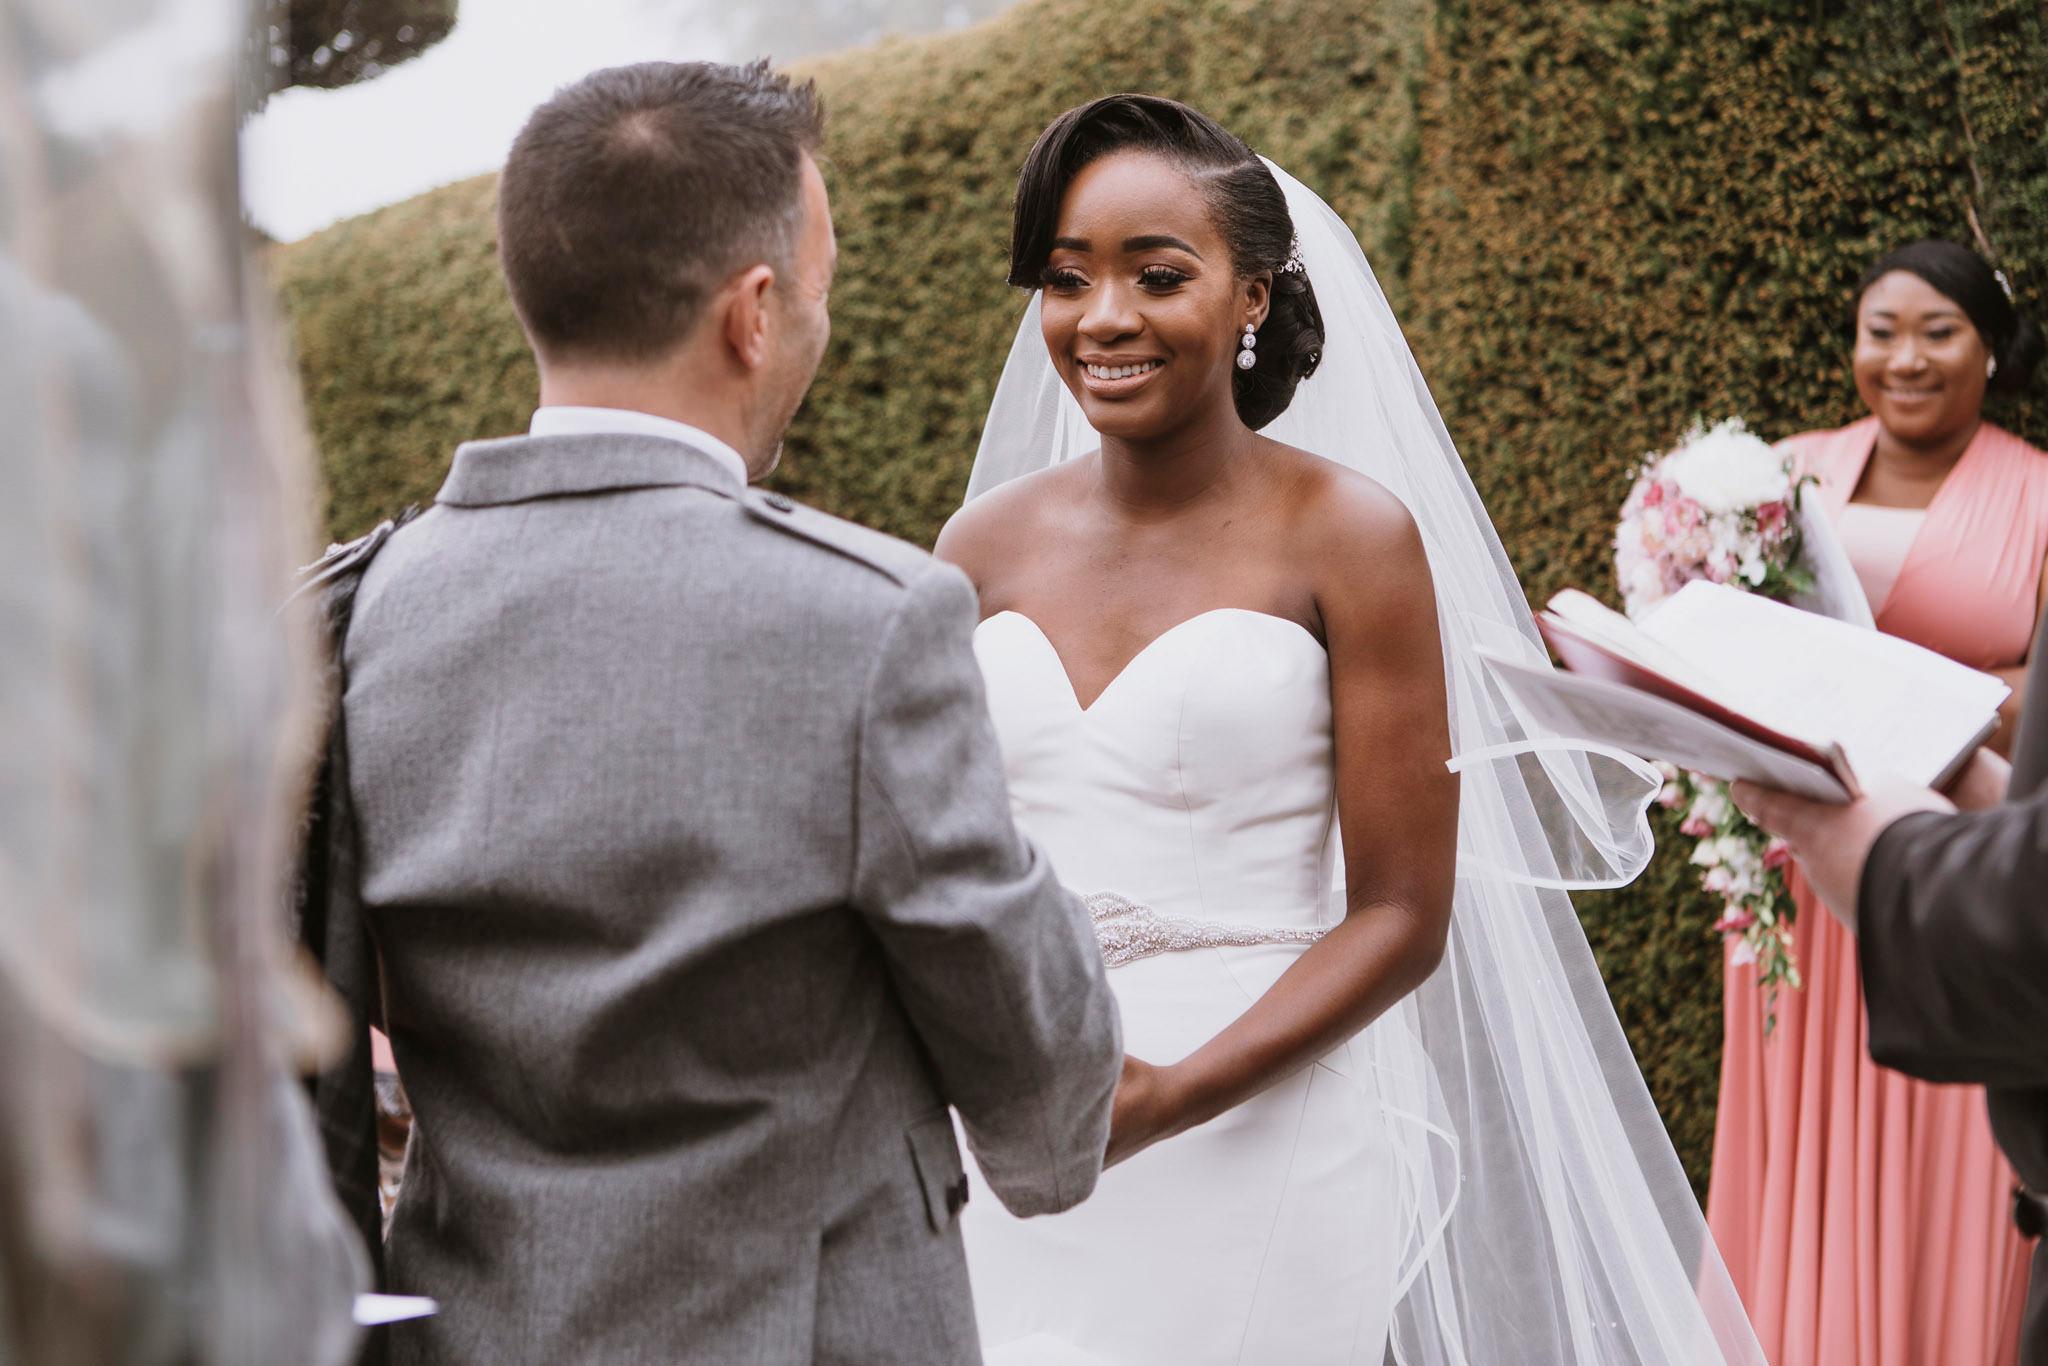 scotland-wedding-elopement-photographer-037.jpg